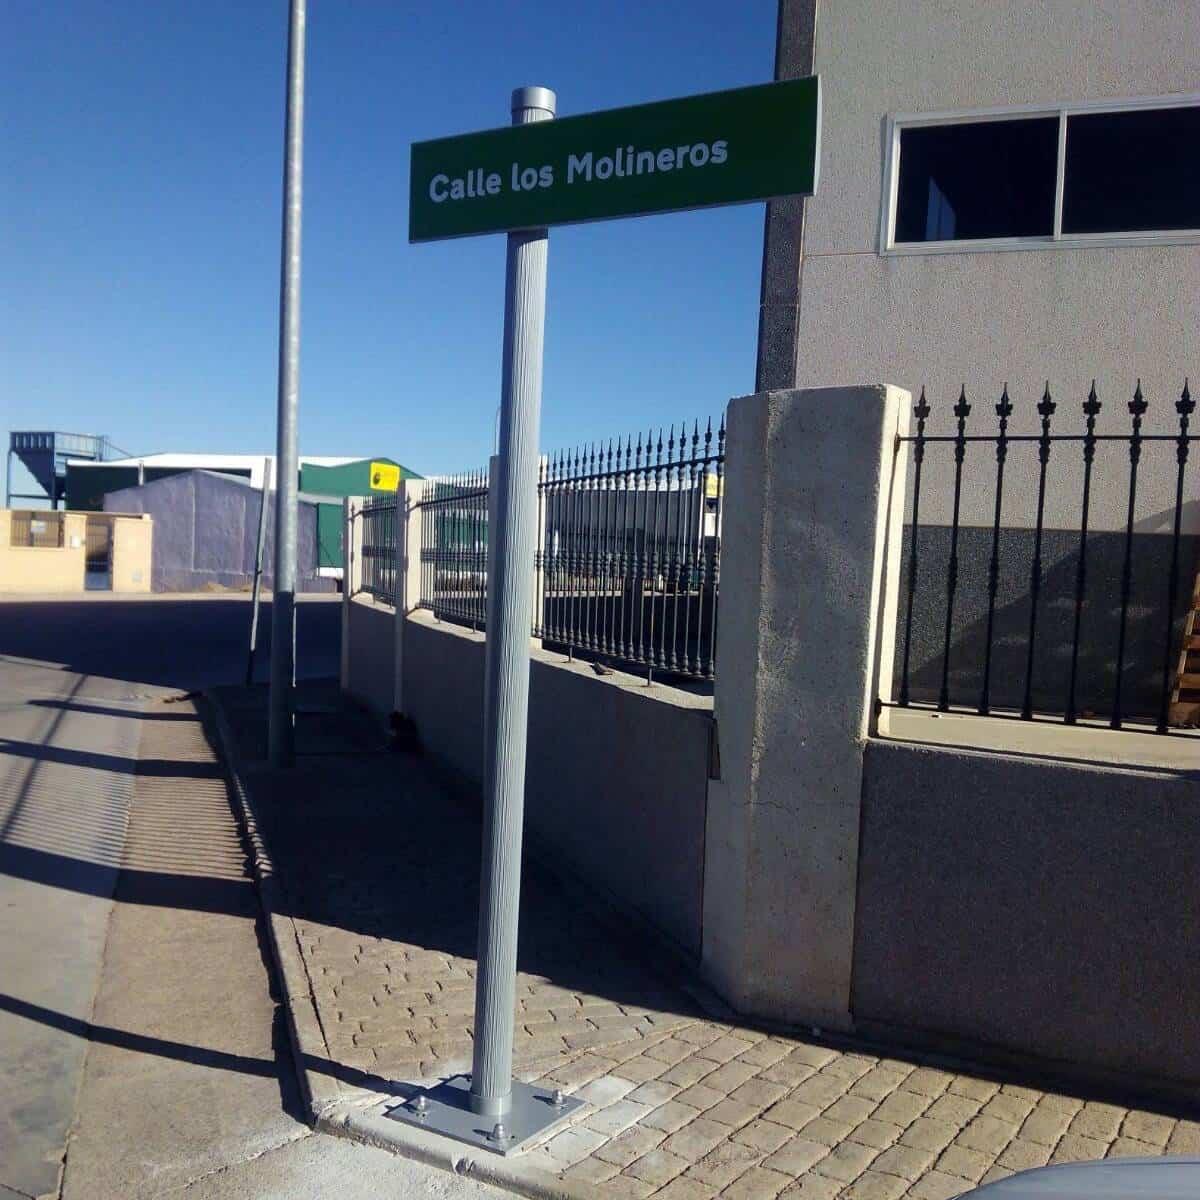 calle molineros herencia poligono - Nueva señalización de las calles del Polígono Industrial en Herencia